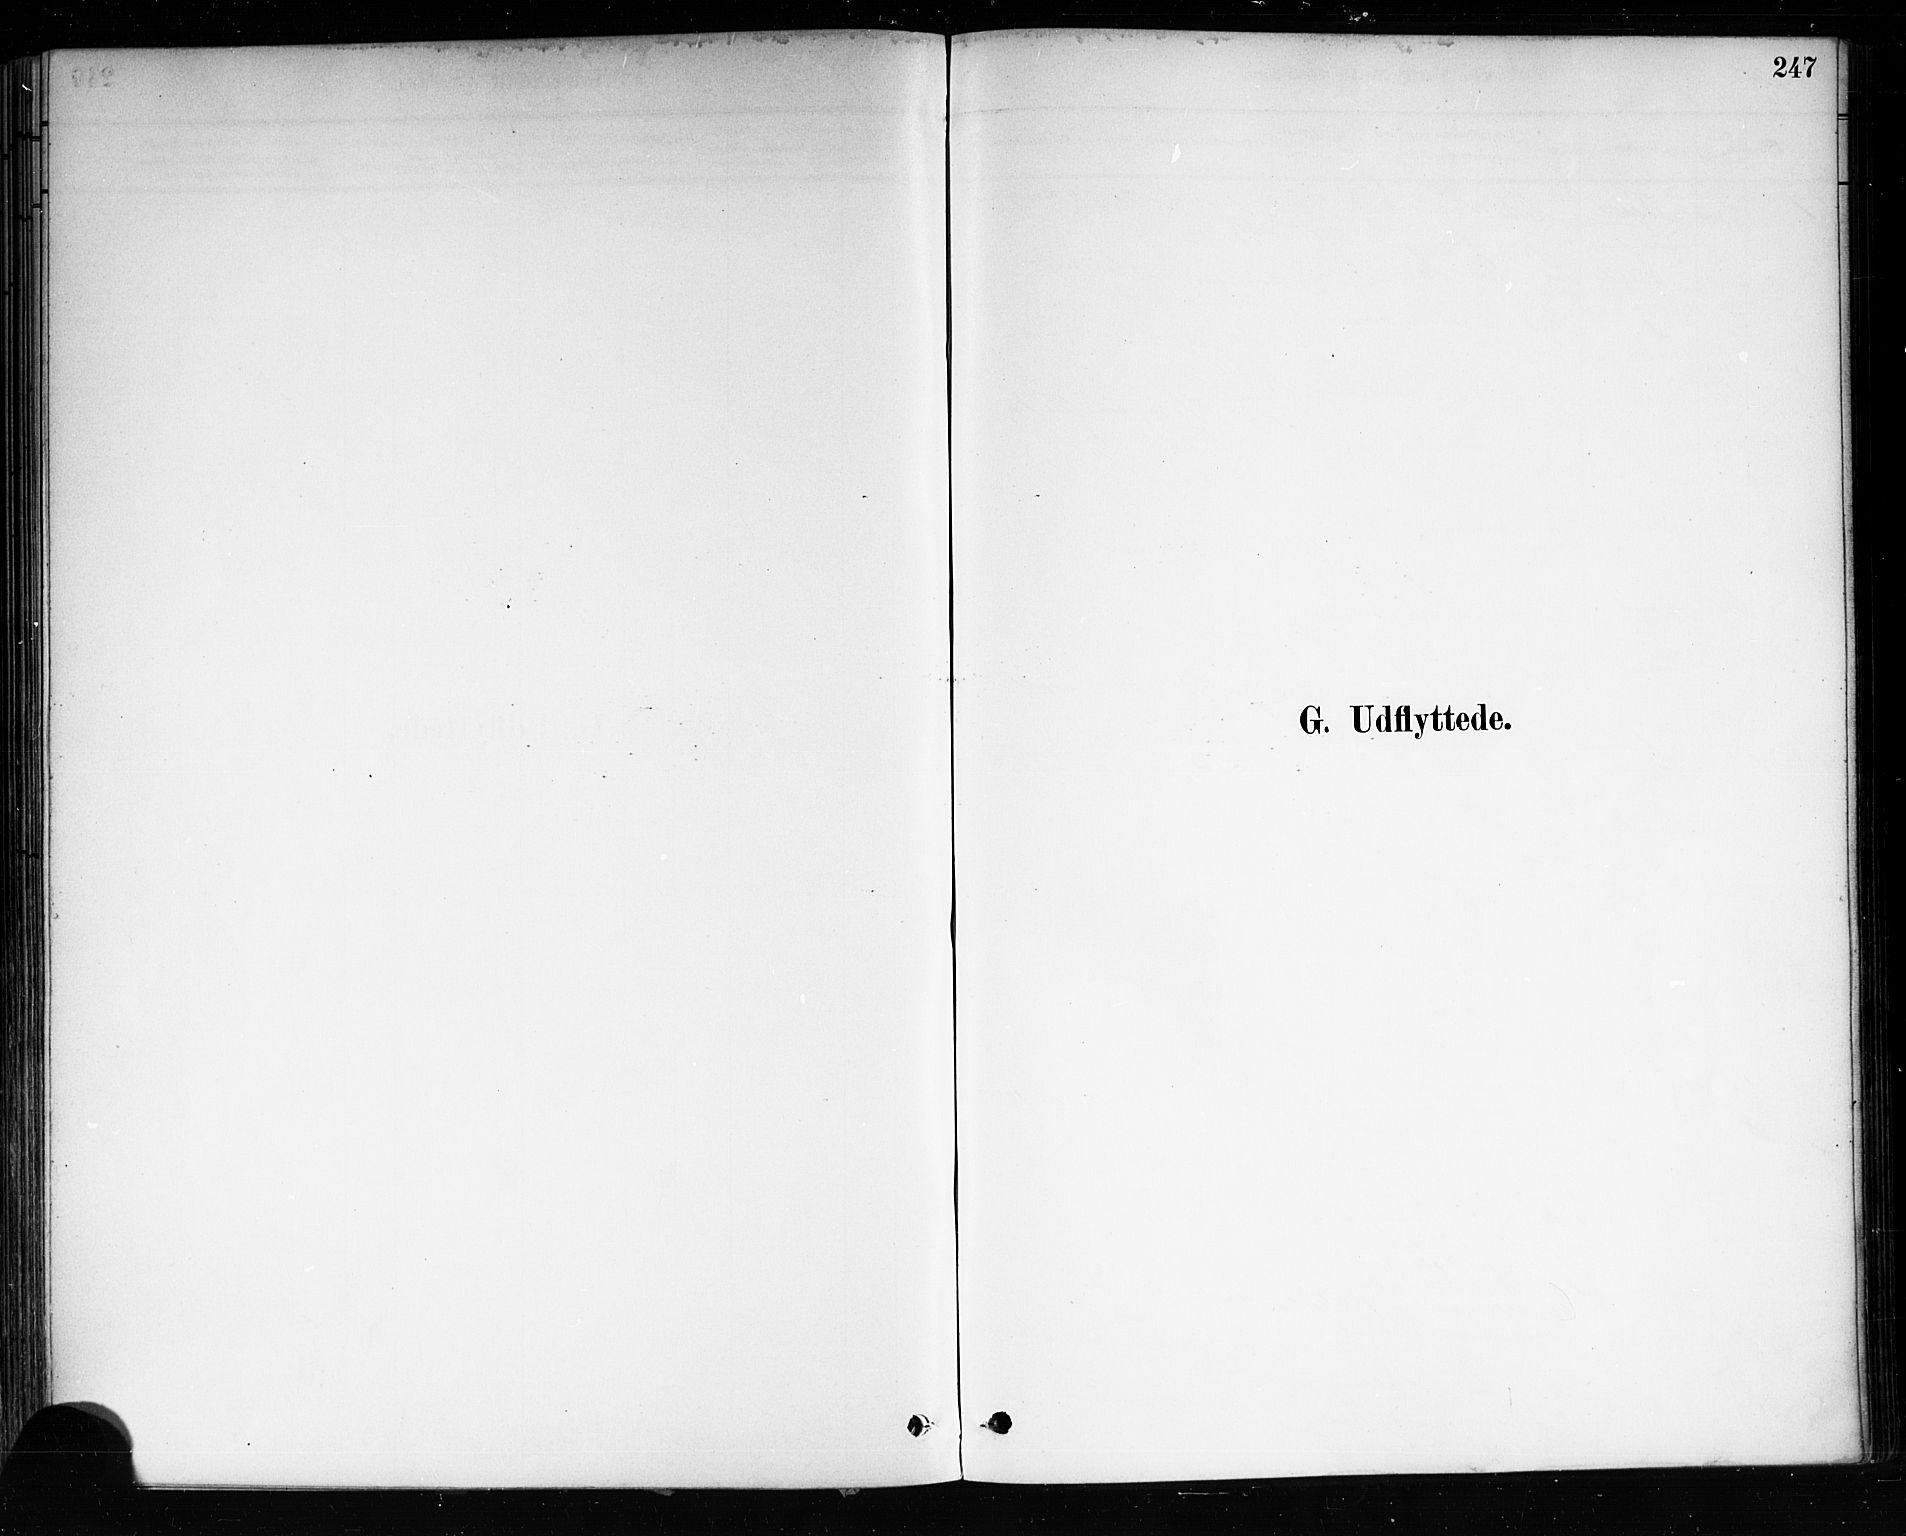 SAKO, Brevik kirkebøker, F/Fa/L0007: Ministerialbok nr. 7, 1882-1900, s. 247